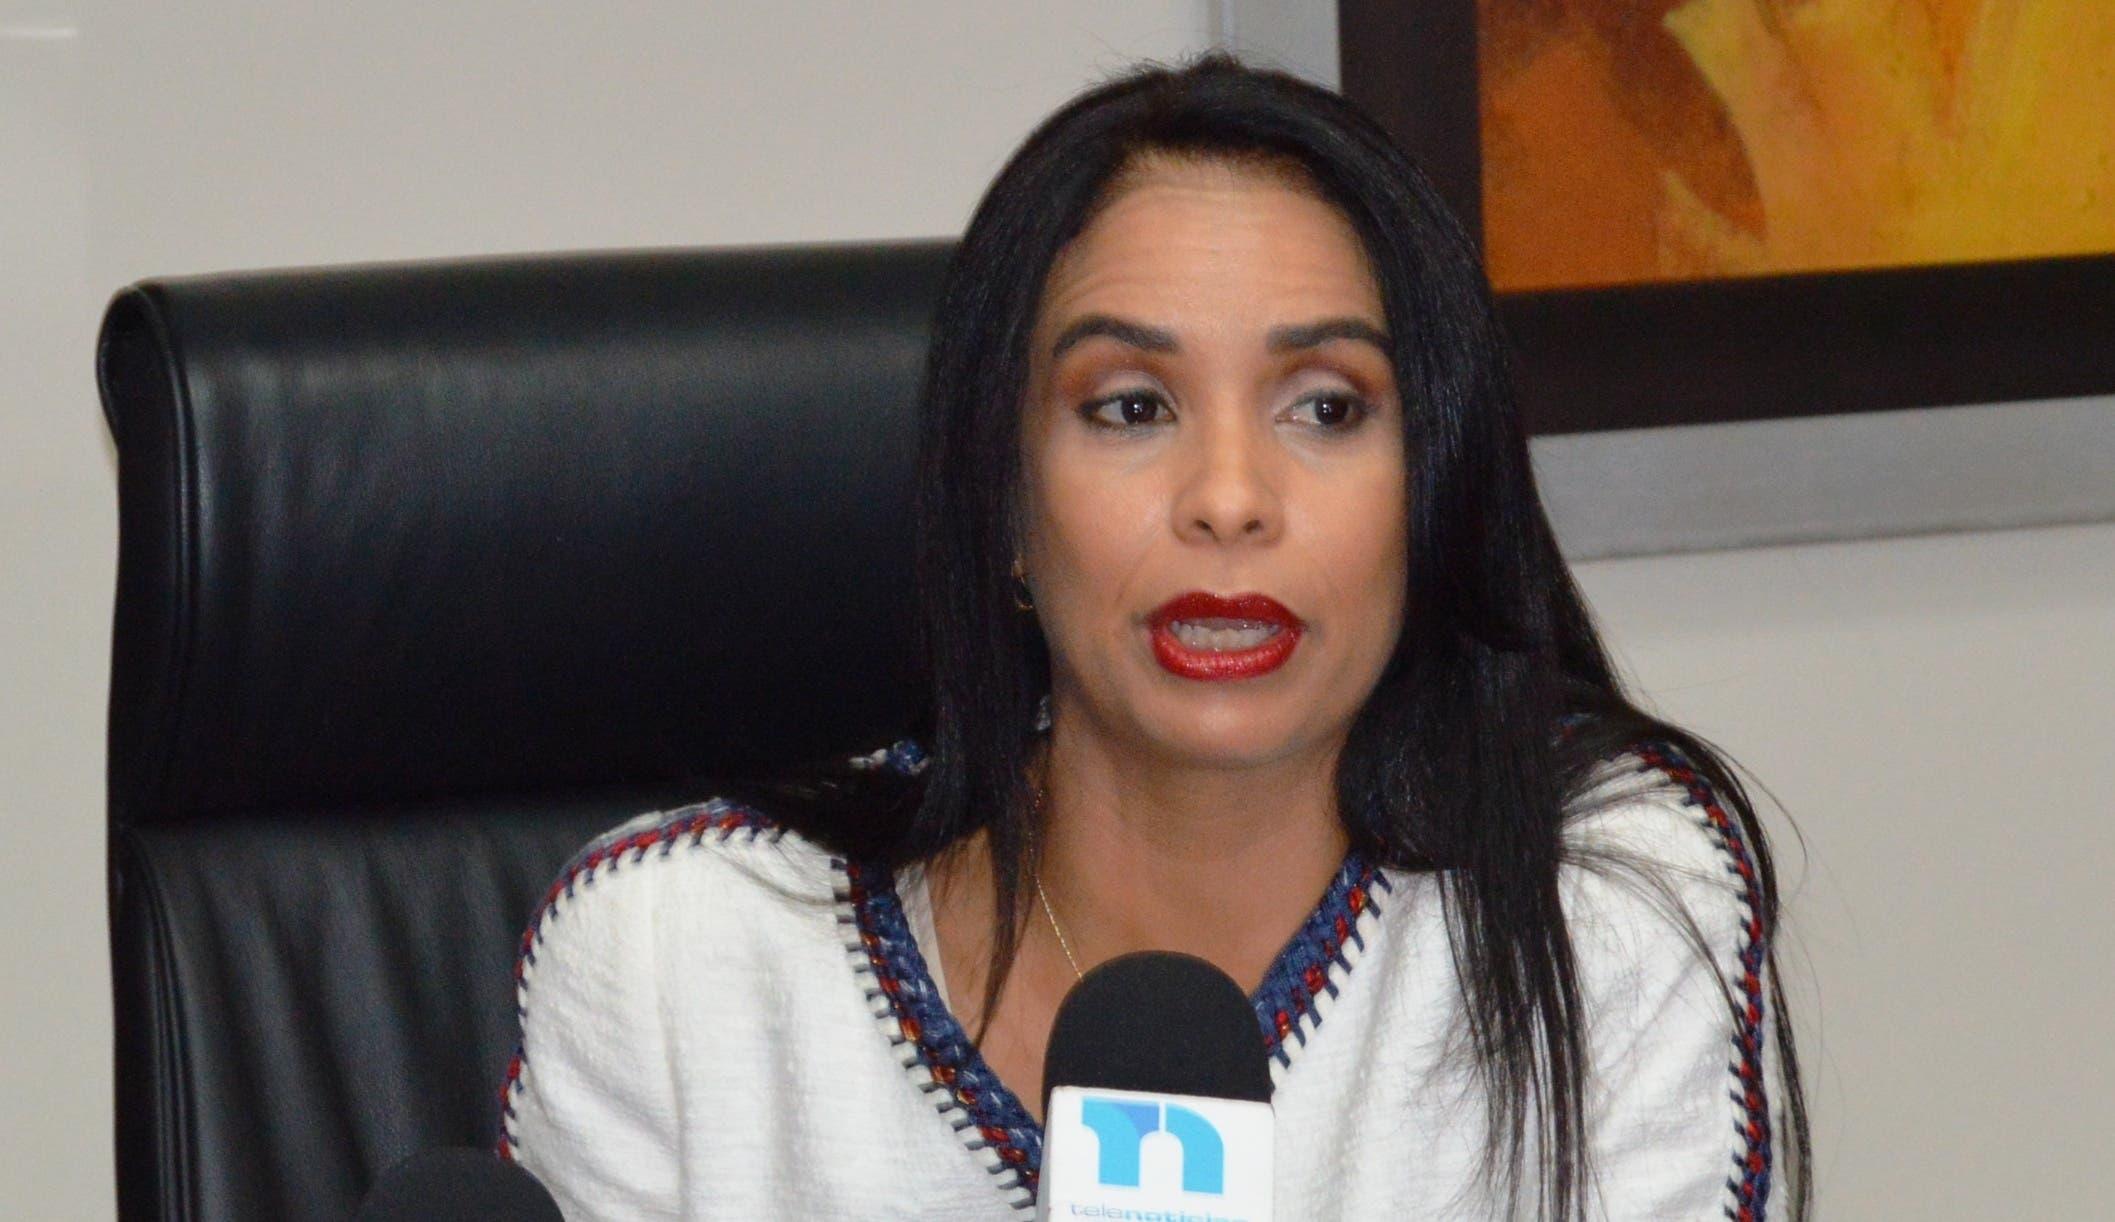 Claudia Franchesca de los Santos